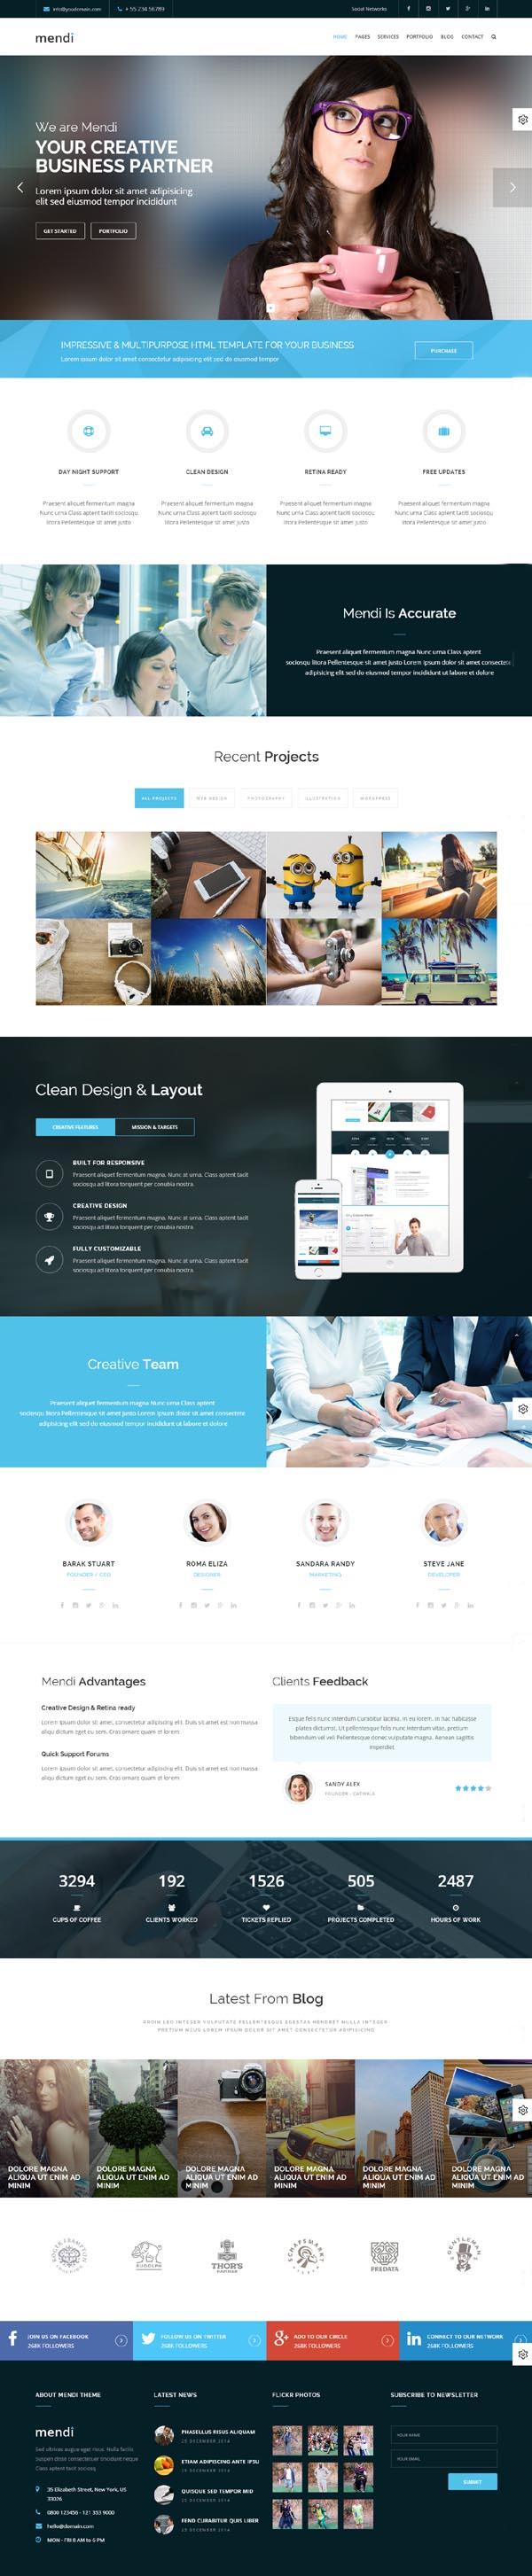 Mendi - MultiPurpose Corporate HTML5 Template